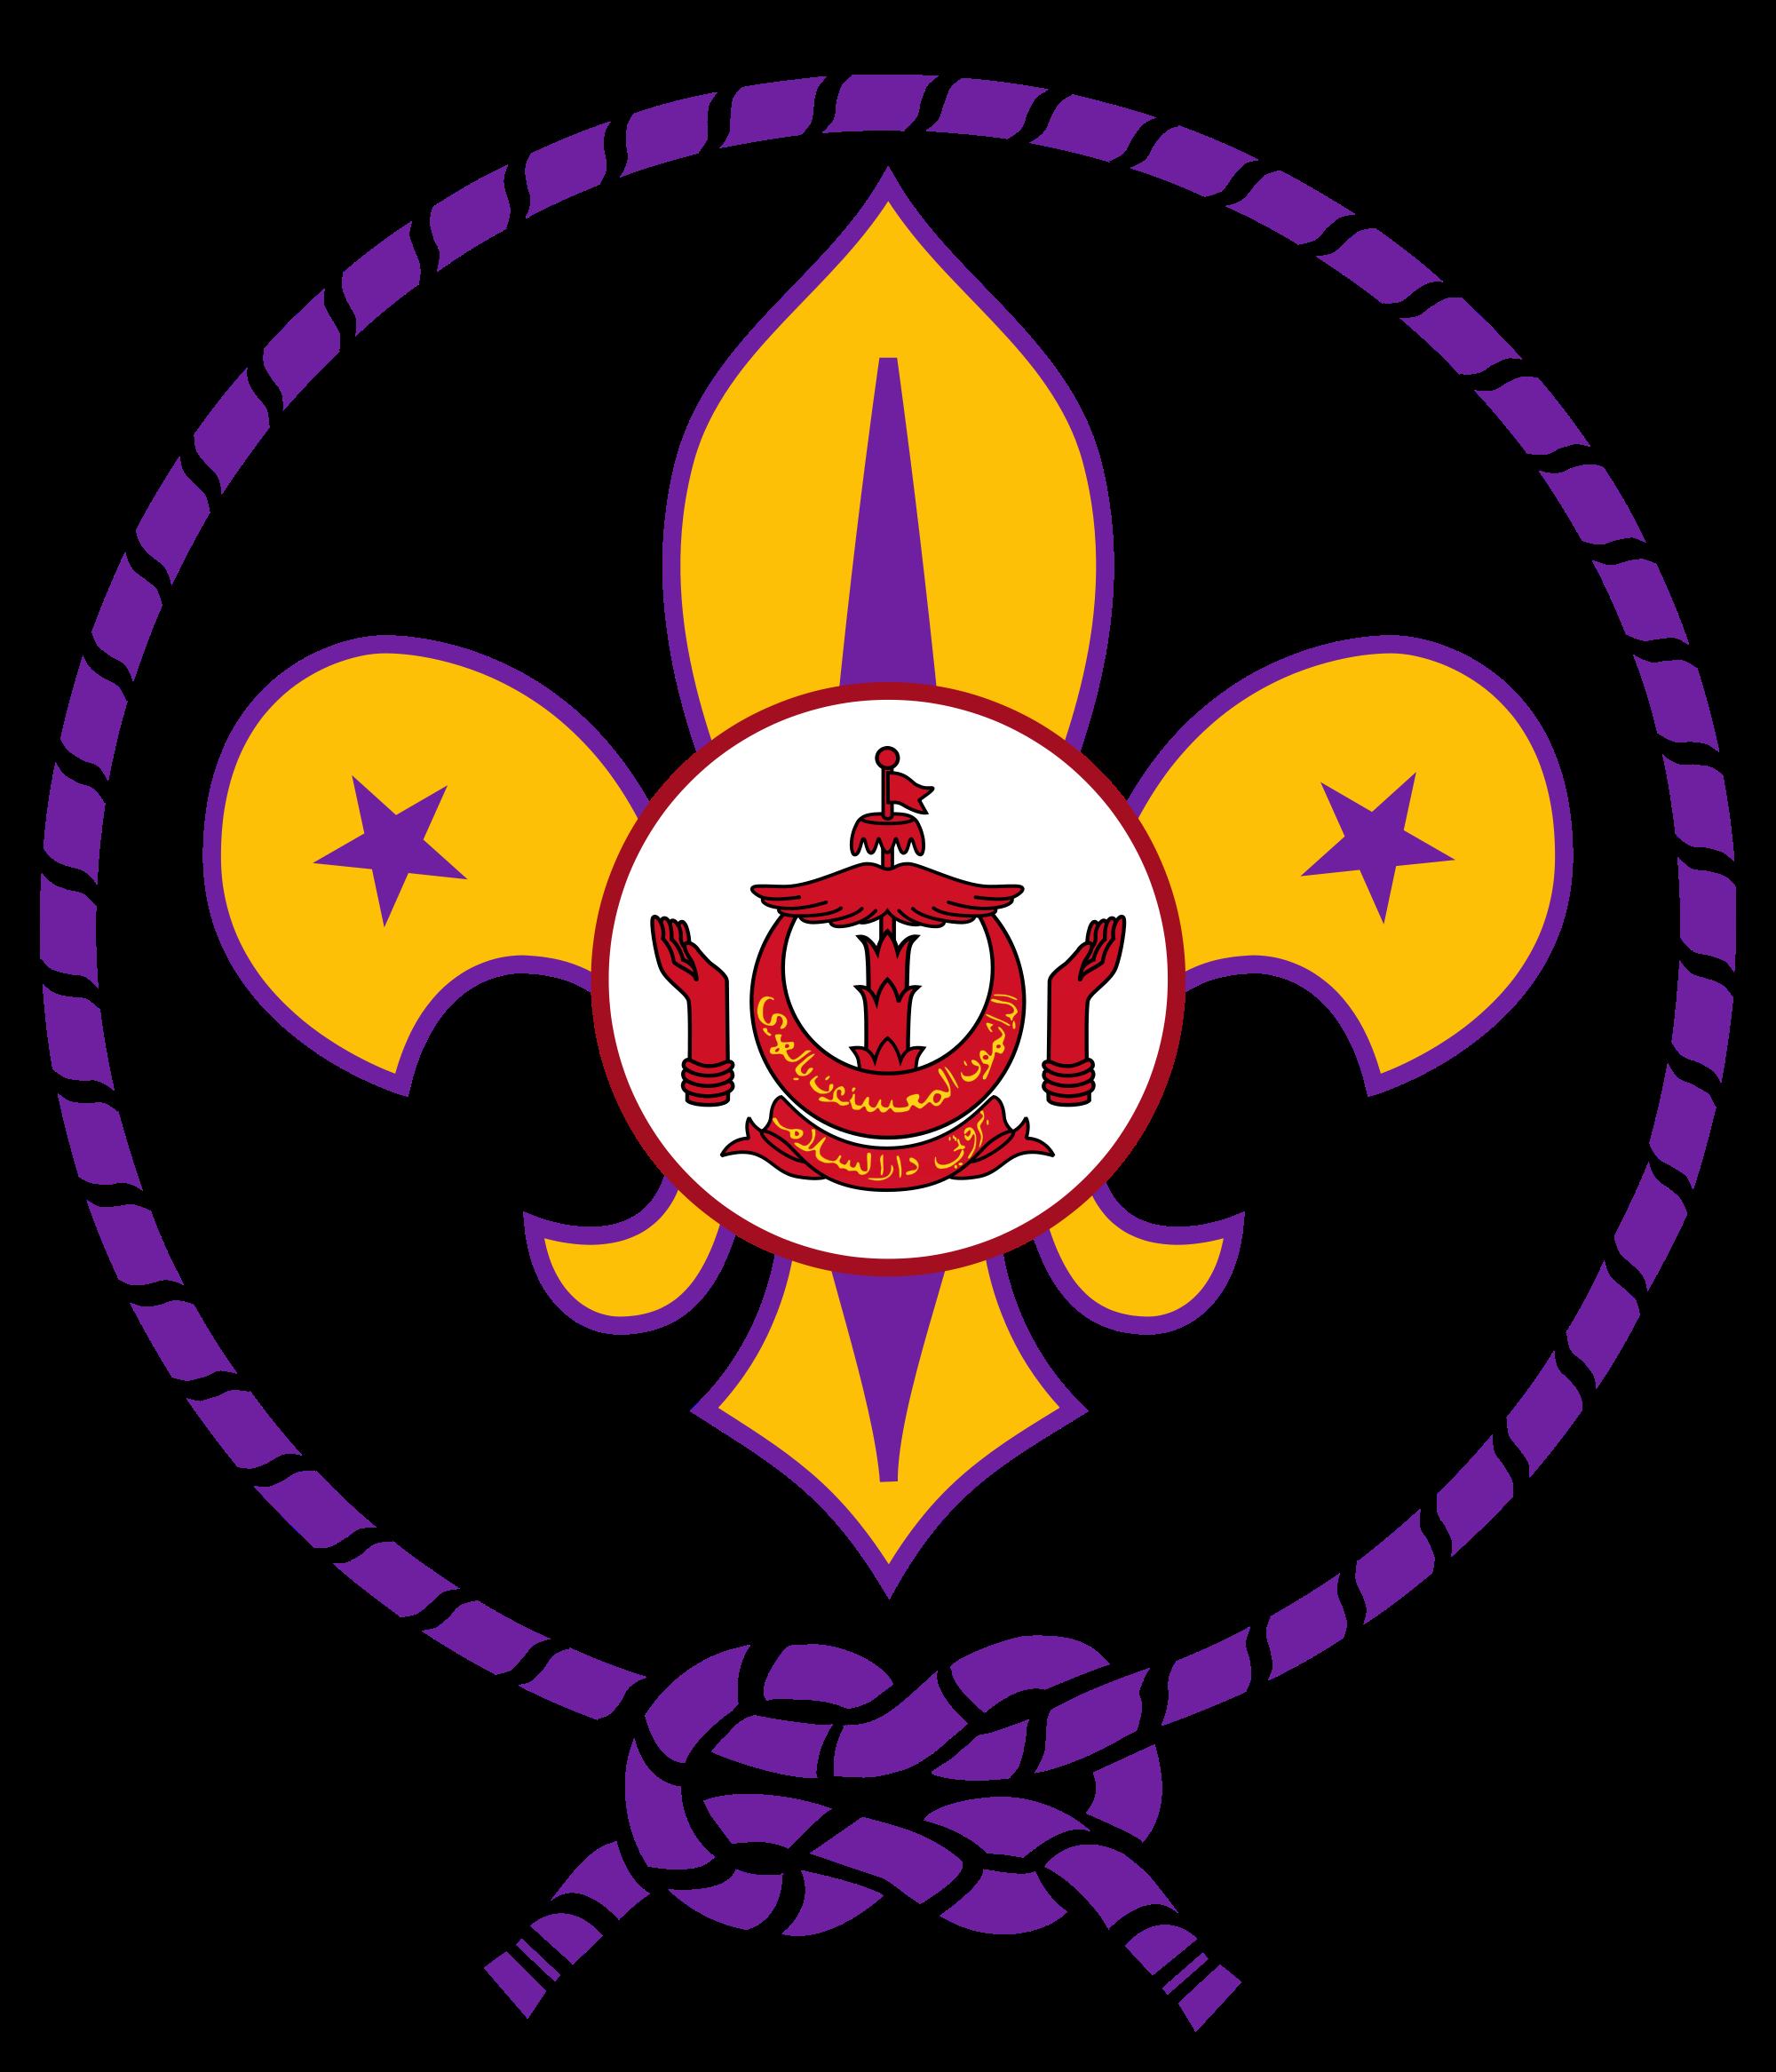 Boy Scout Fleur De Lis Clip Art Clipart Best Clipart Best Boy Scout Symbol Eagle Scout Flag Display